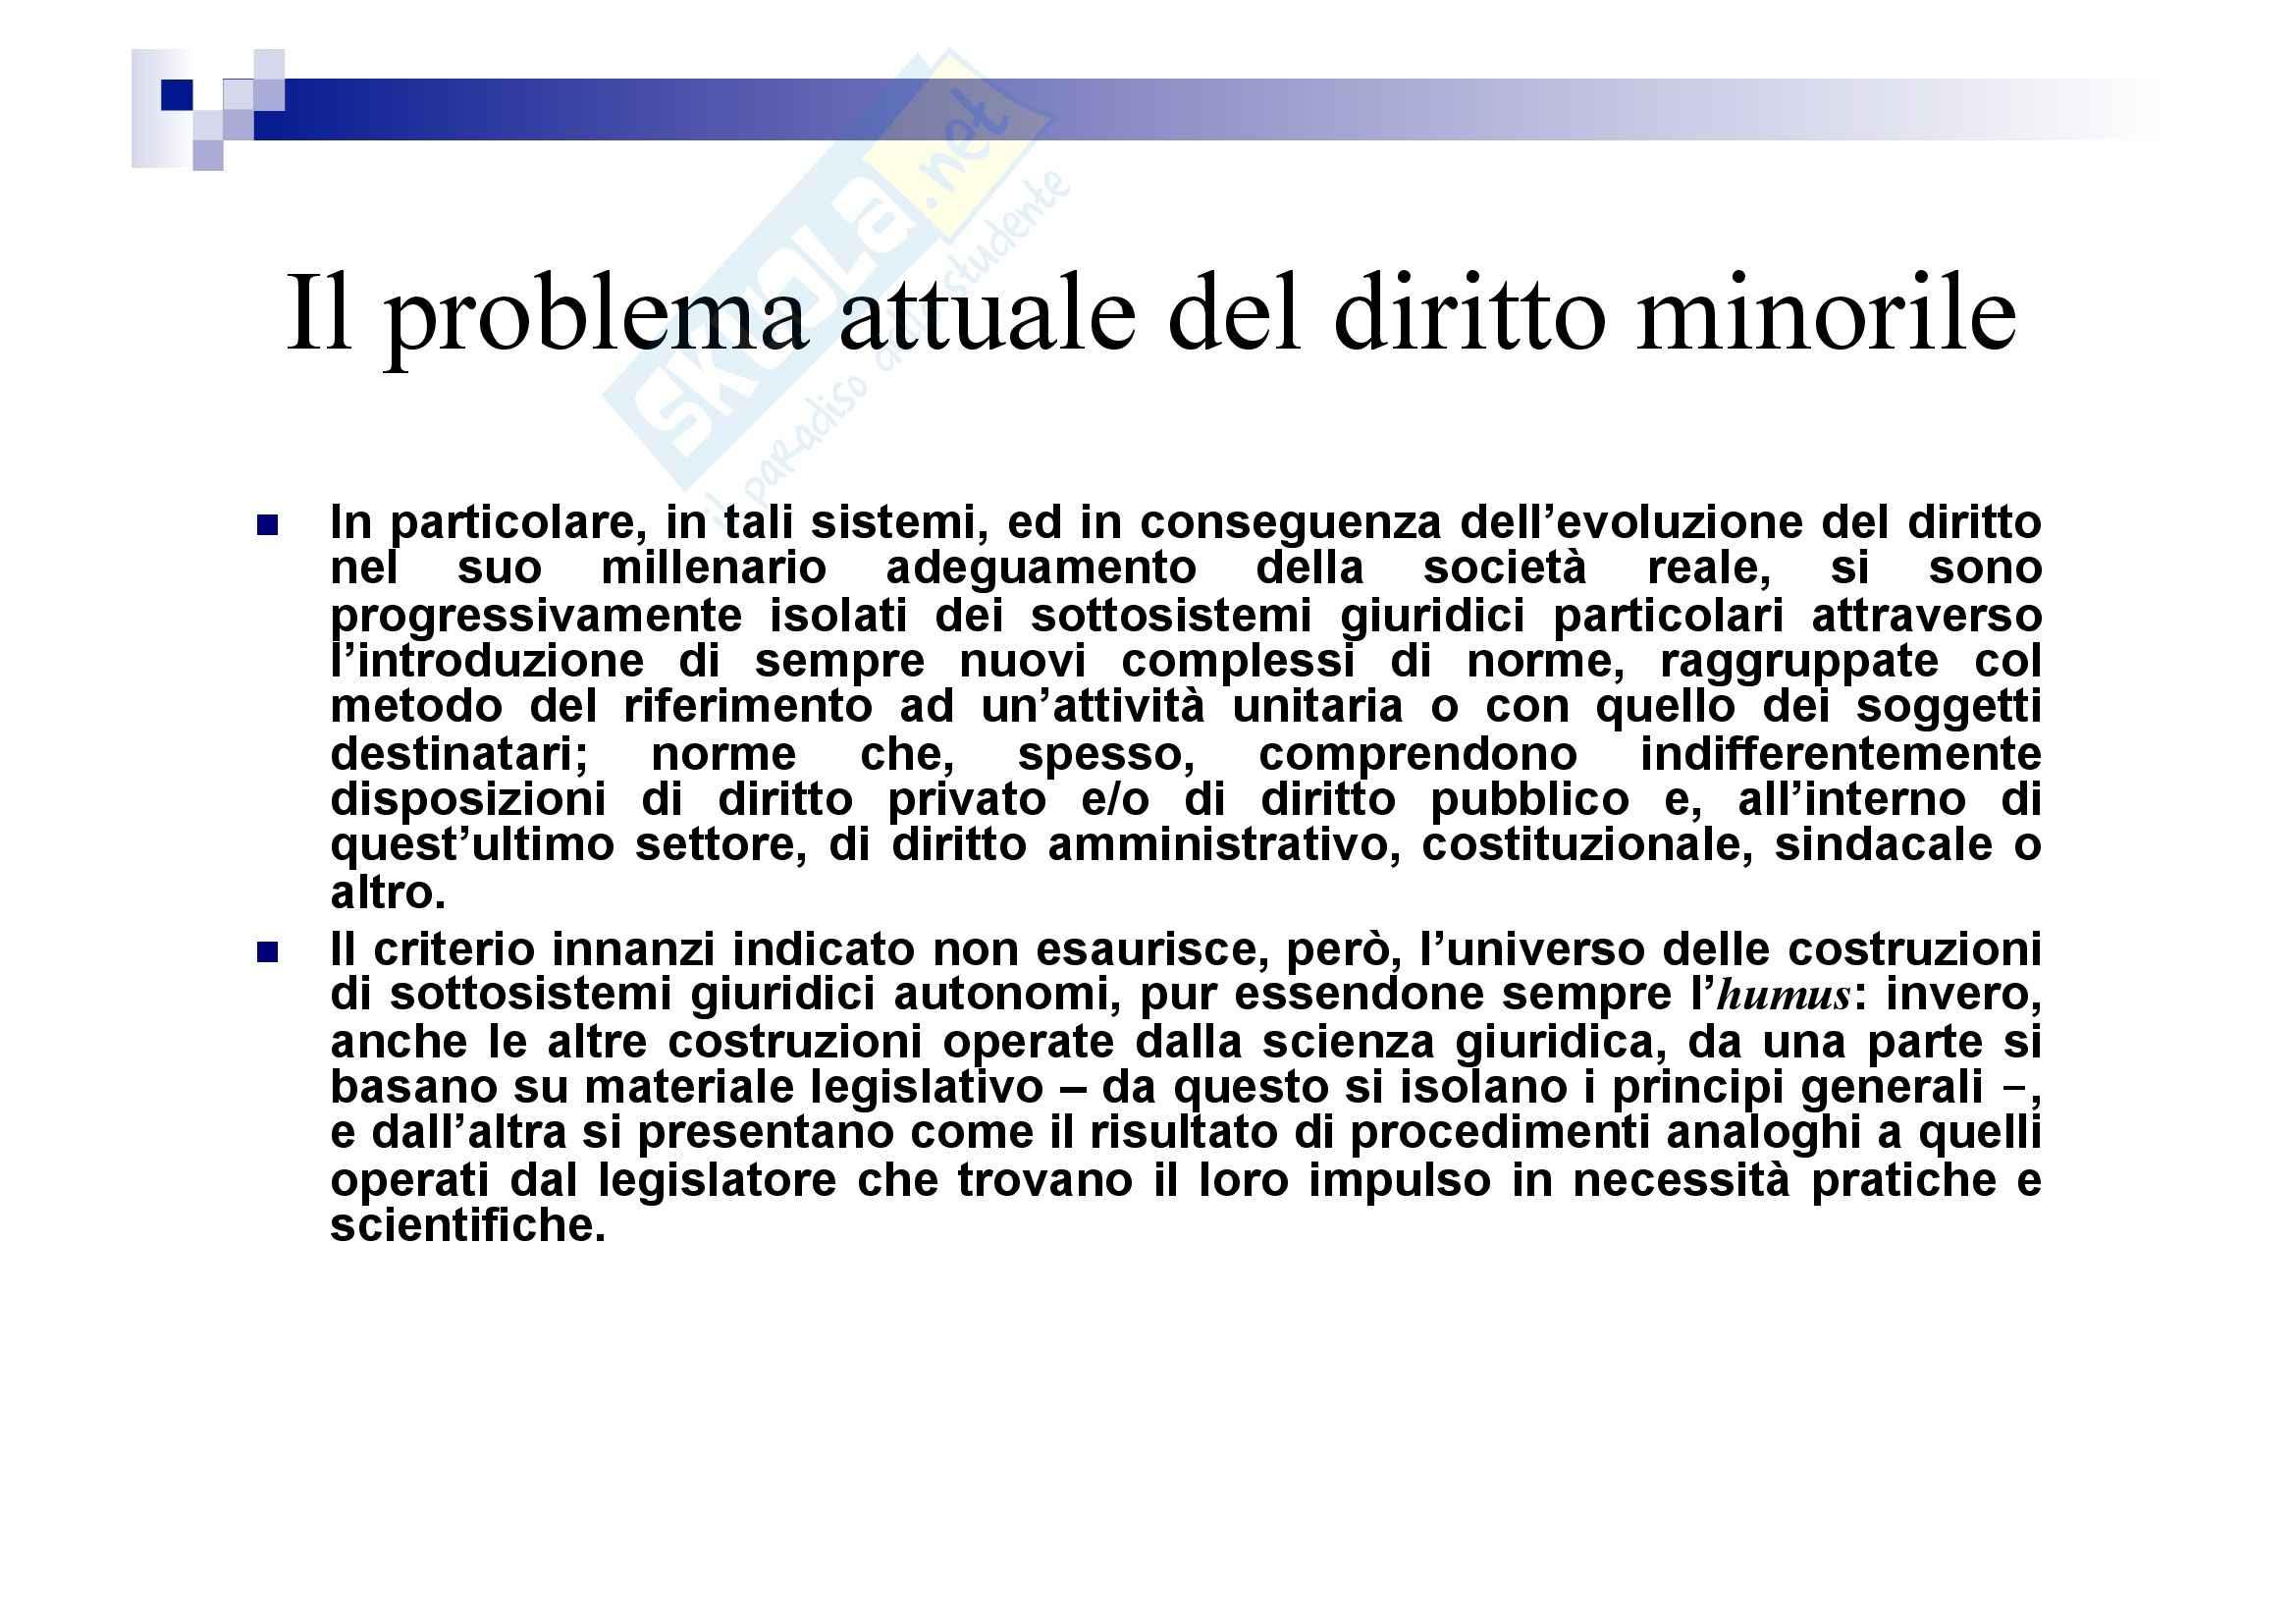 Processo penale minorile - elementi del processo penale minorile Pag. 21